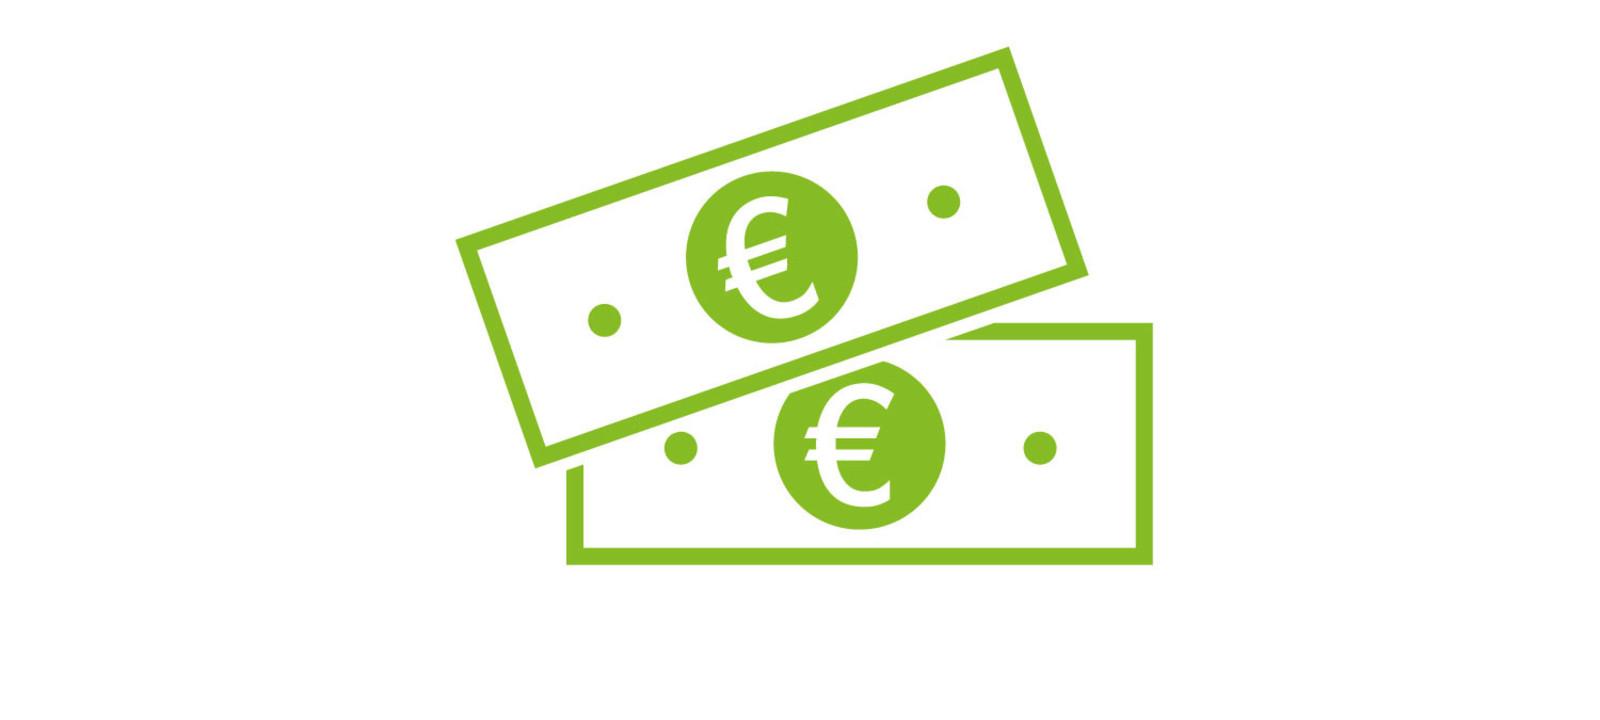 Geld Piktogramm